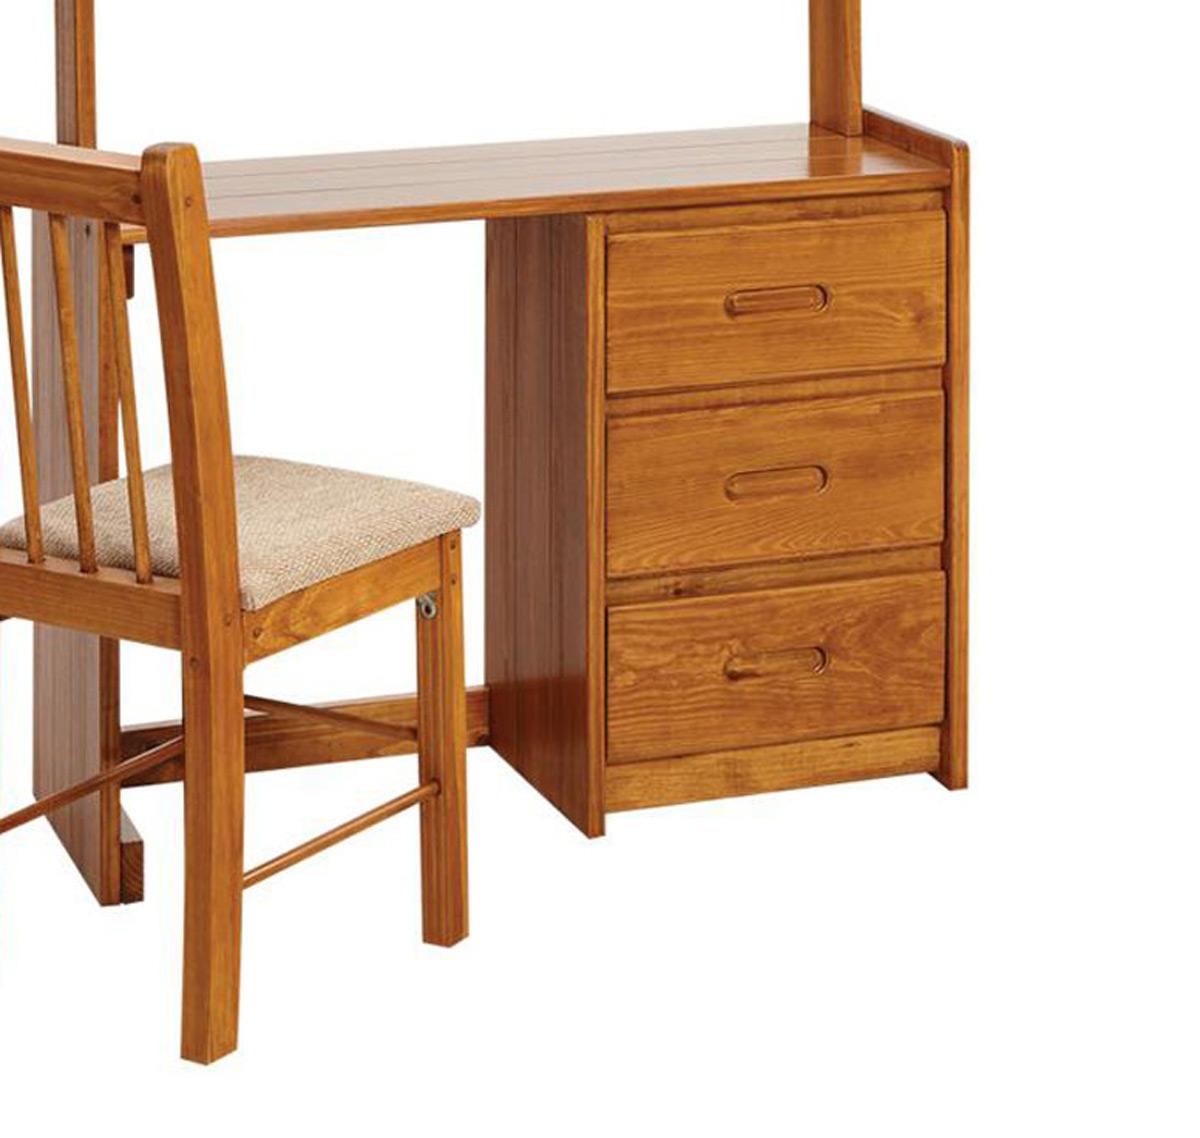 Chelsea Home 360031 Desk - Honey